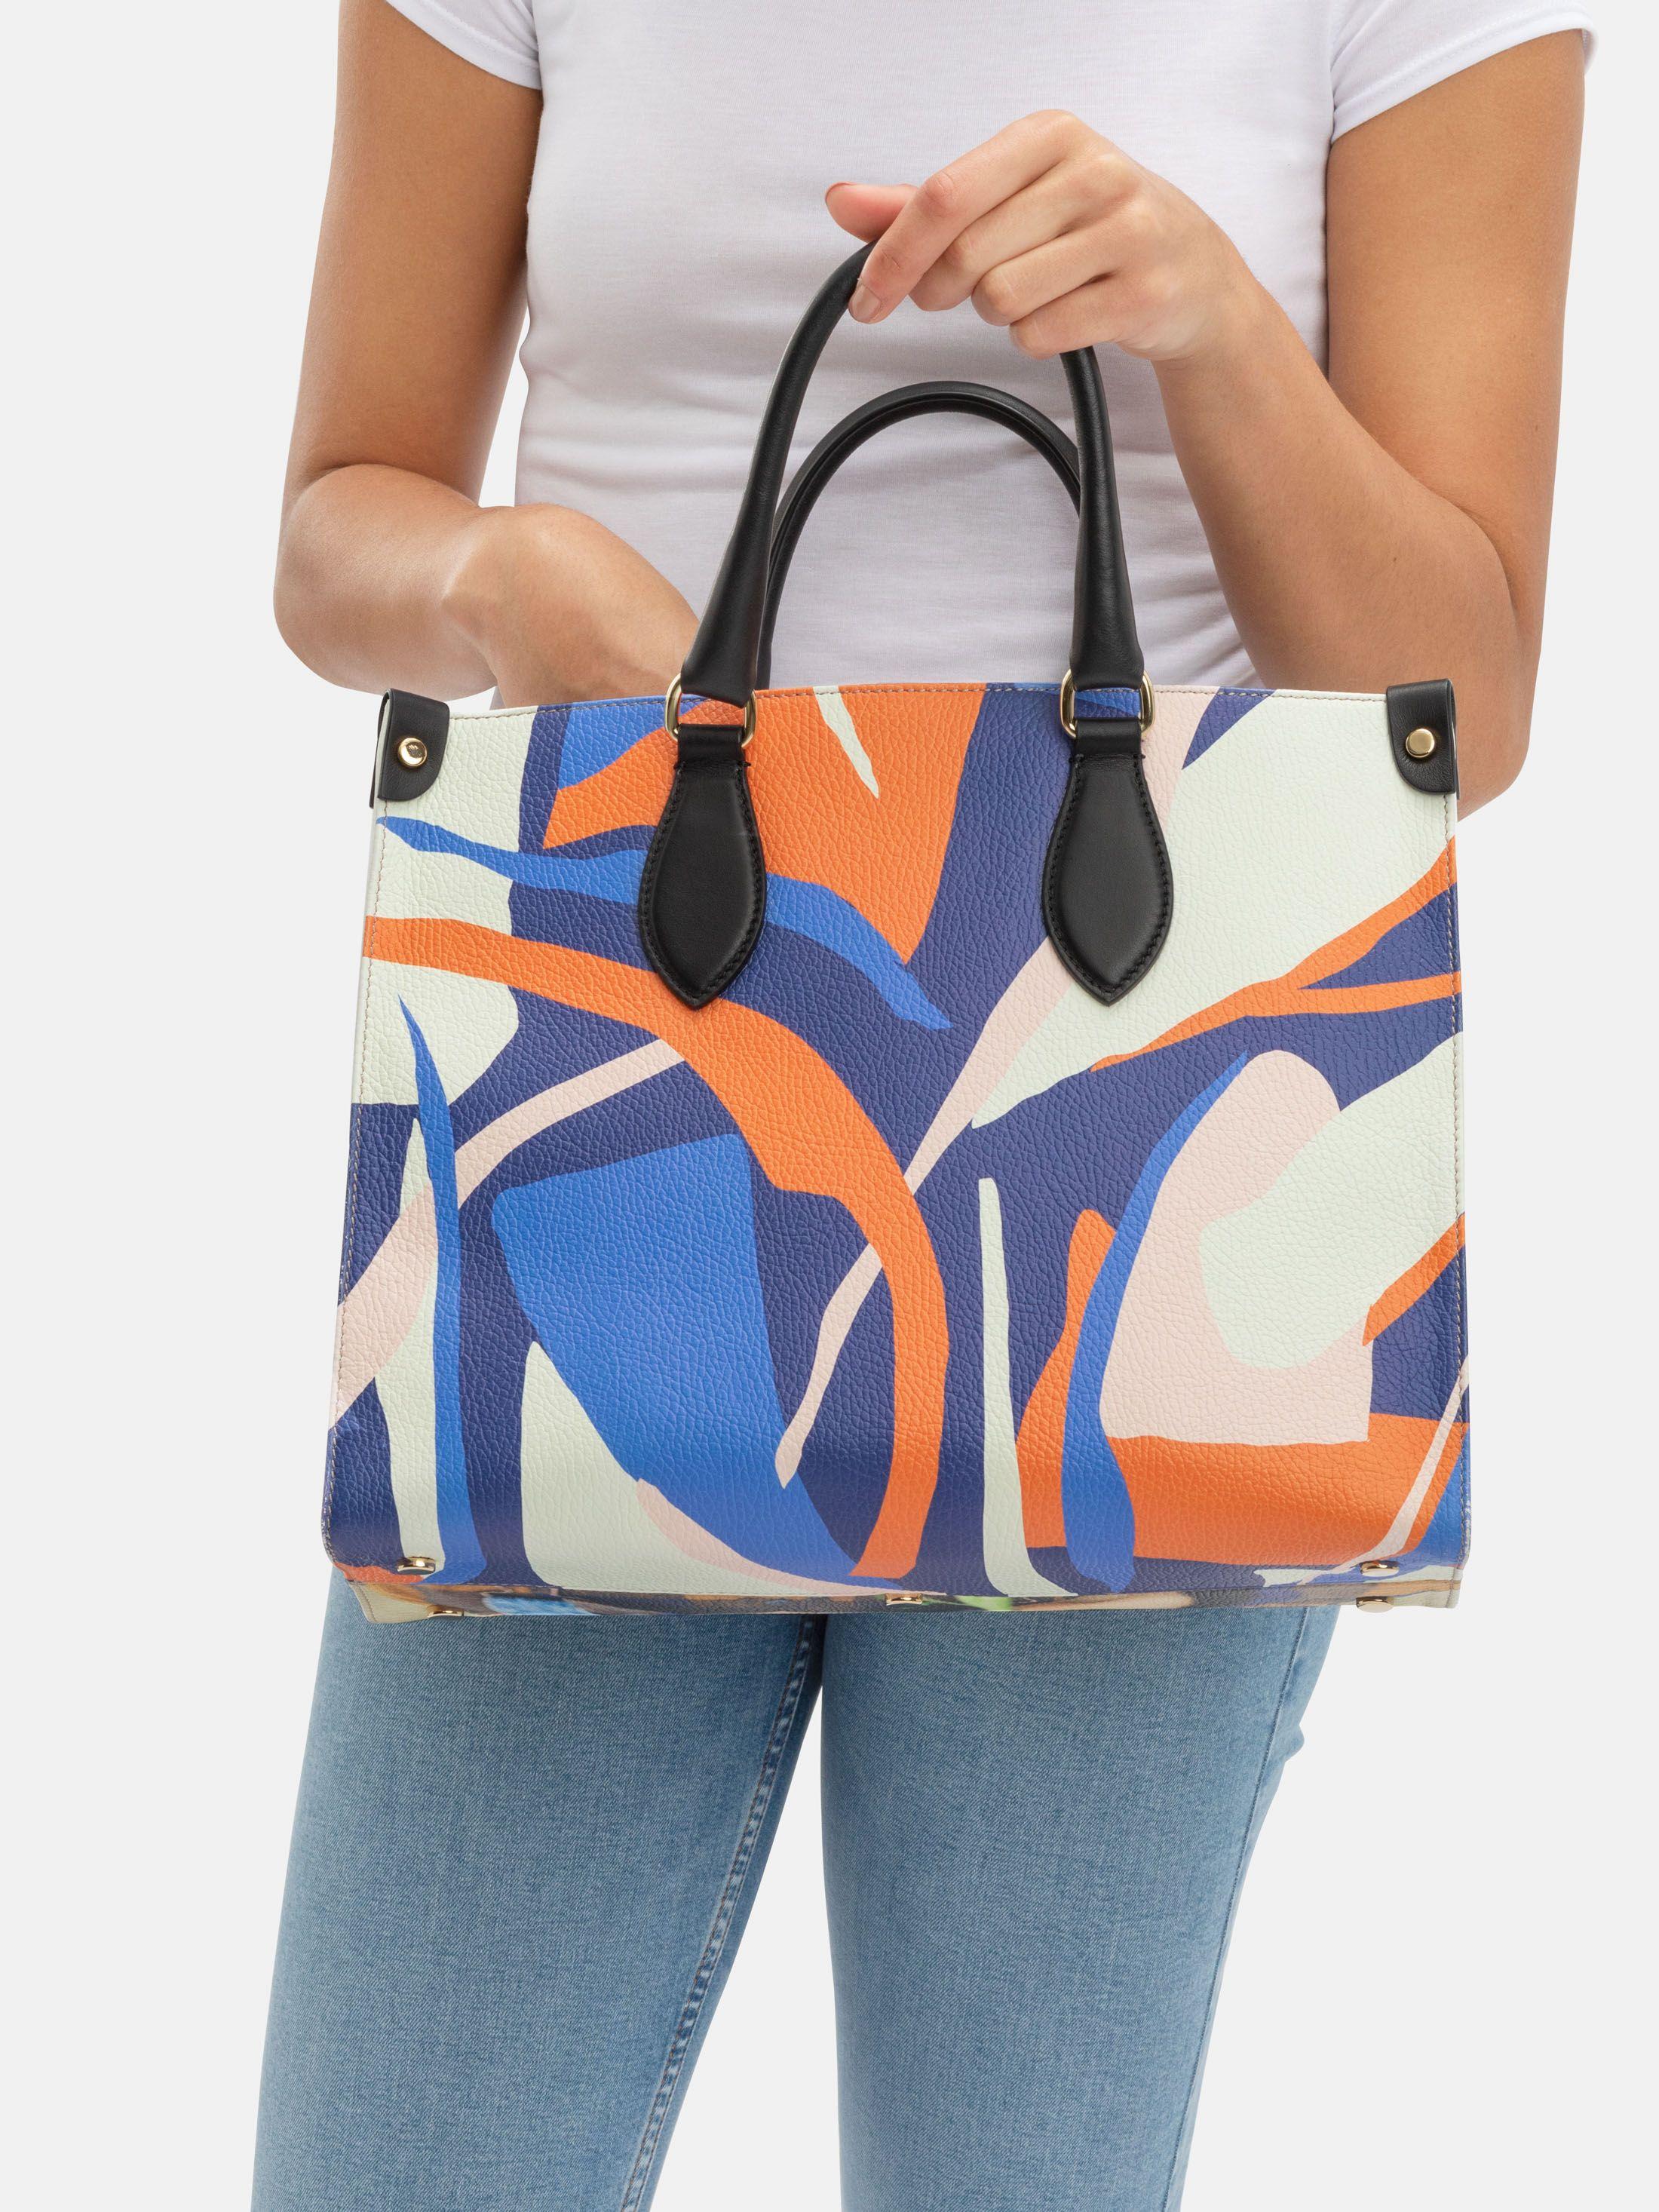 Stampa su Shopper Bag in Pelle